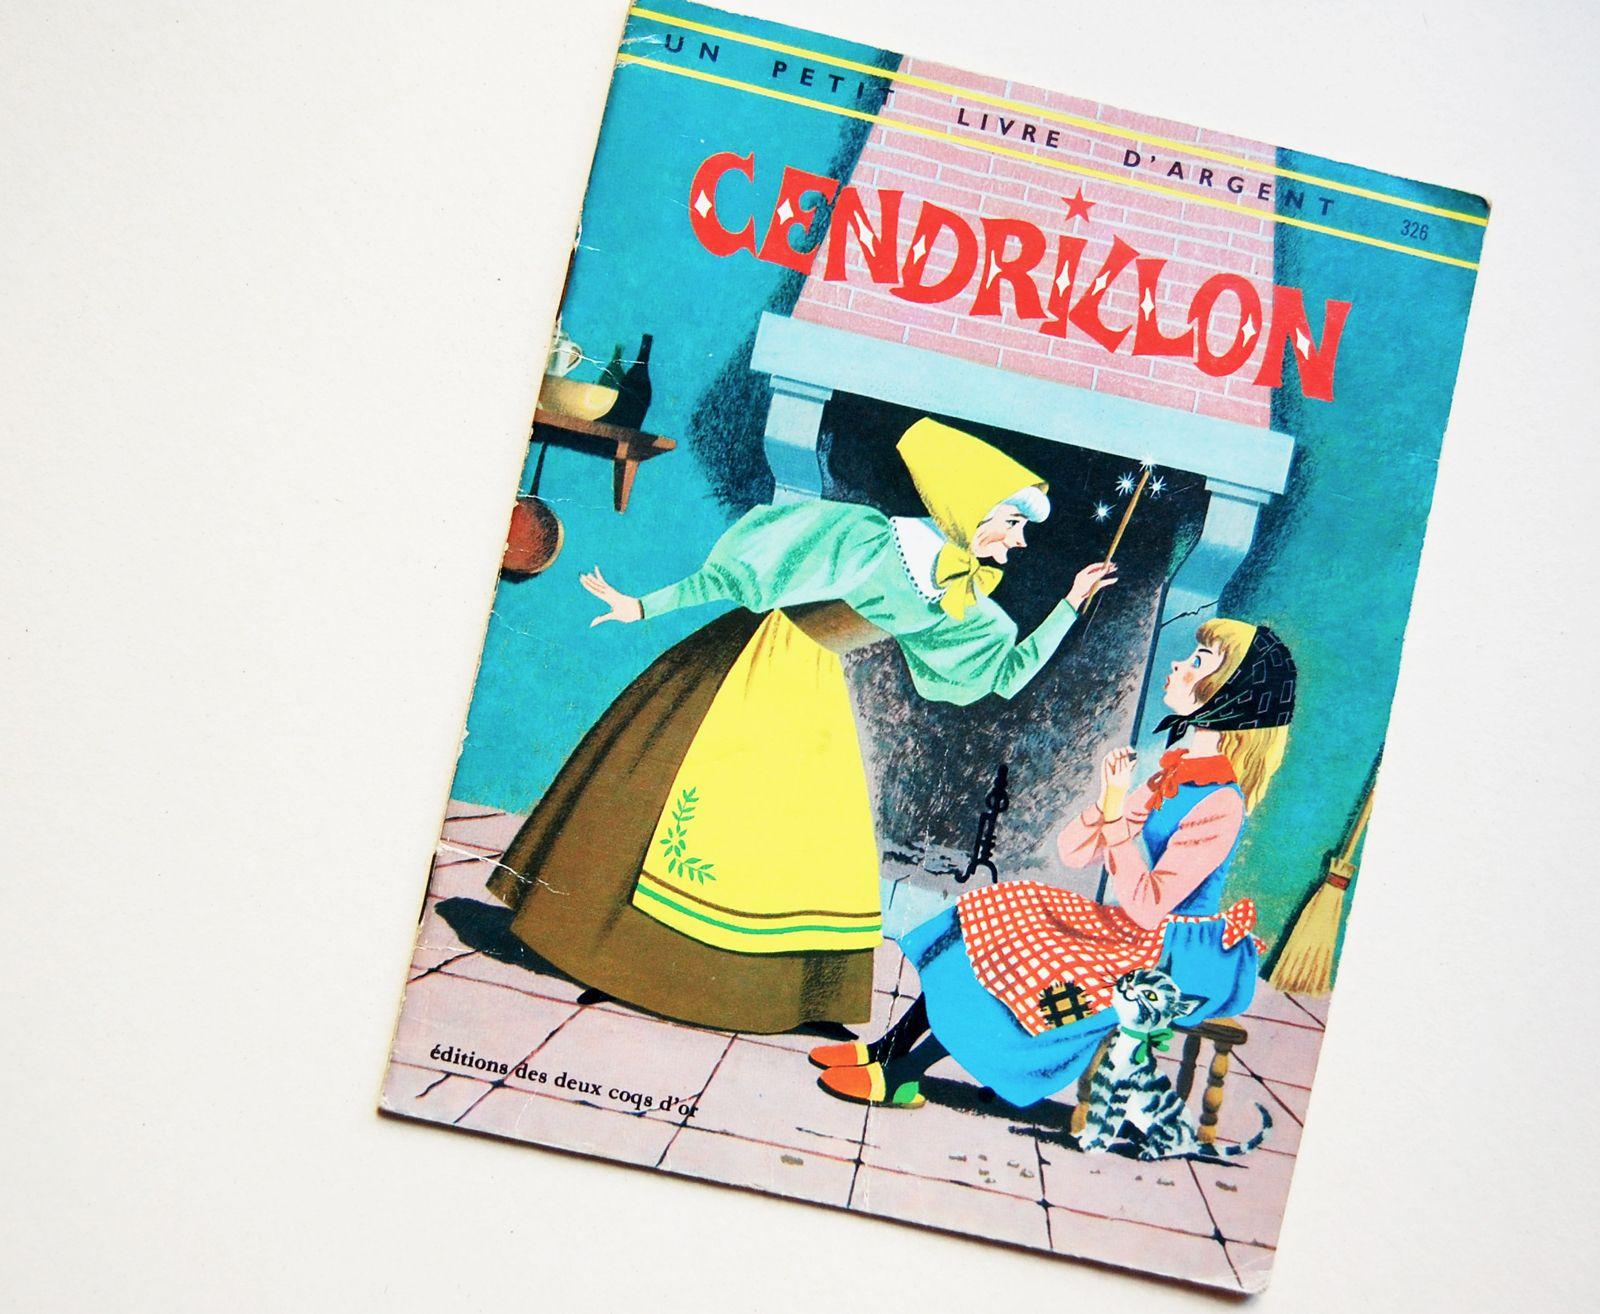 Petit livre d'argent. Cendrillon. Vintage Children's Book .Vintage illustration.